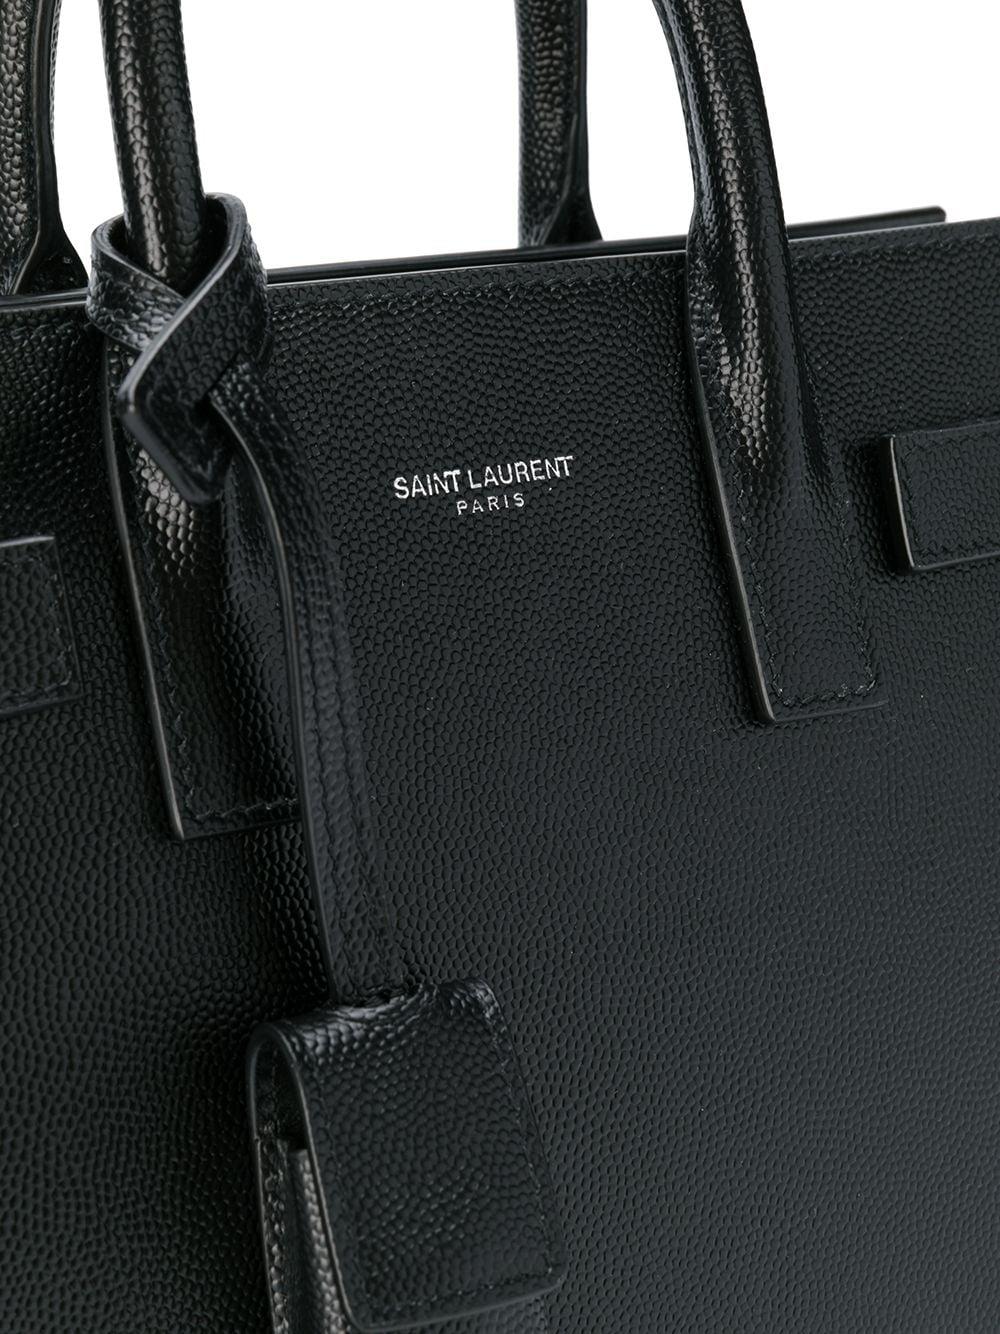 Picture of Saint Laurent | Nano Sac De Jour Tote Bag